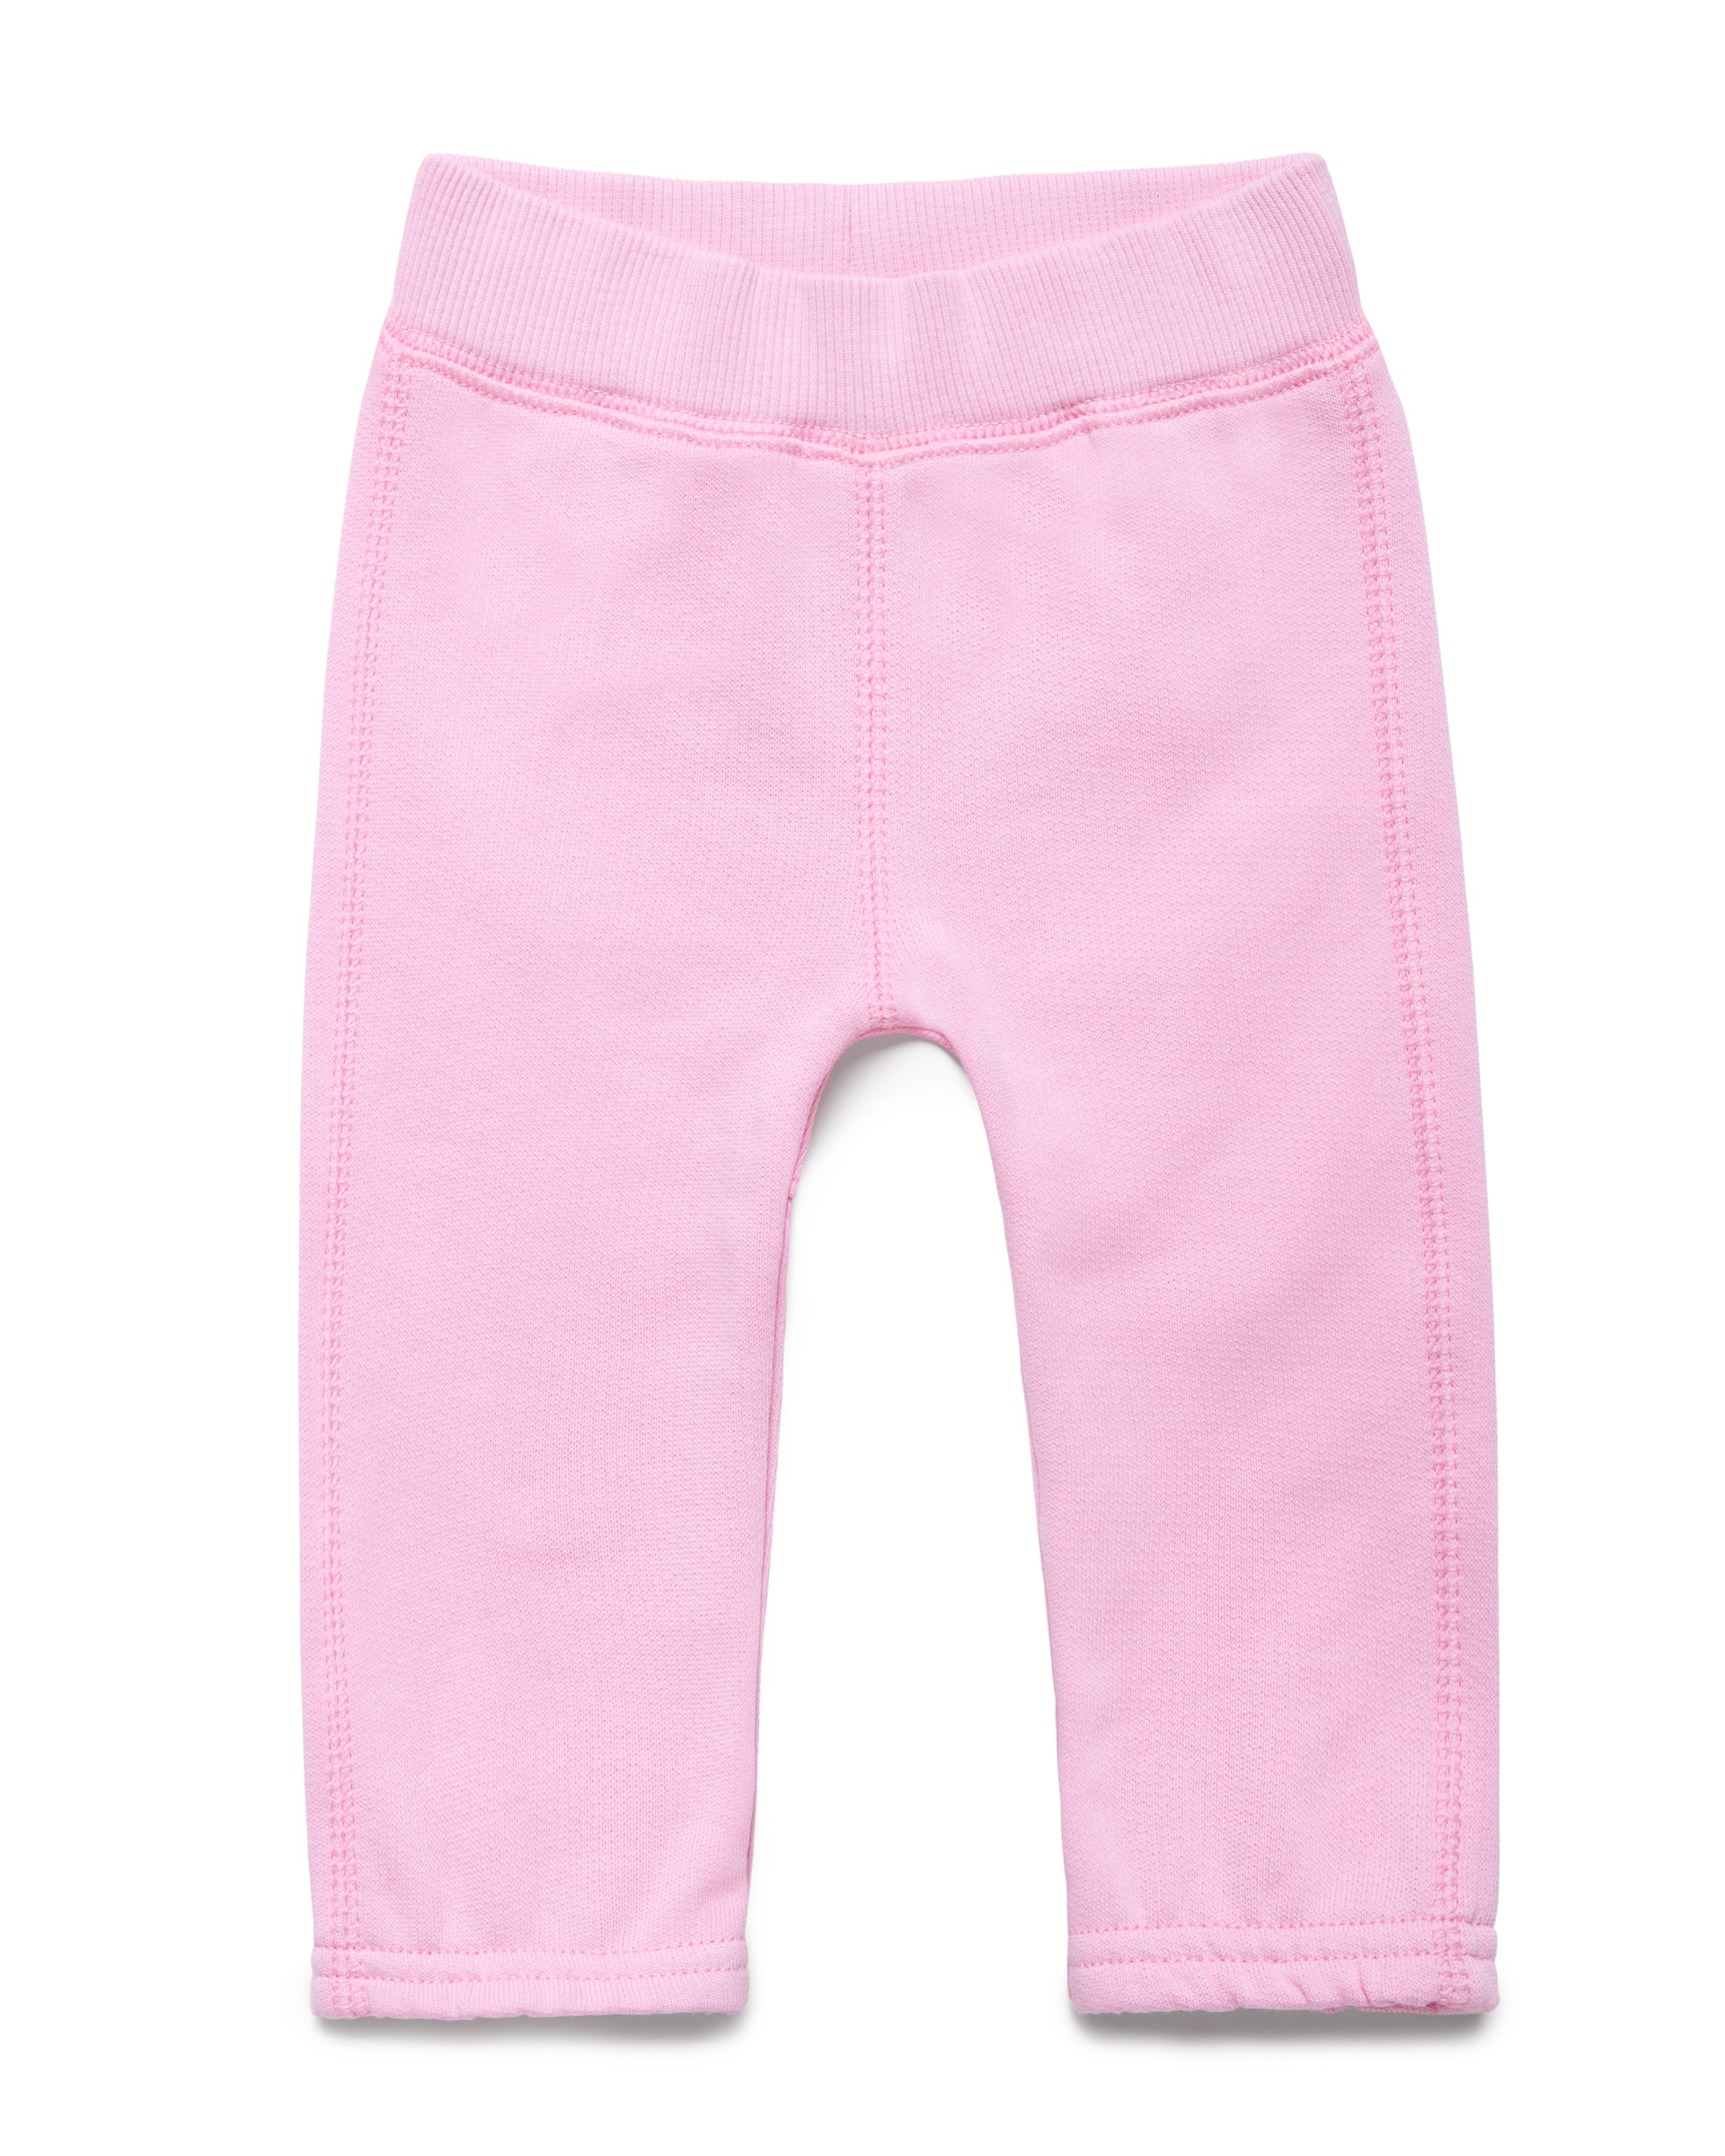 Купить 20P_3J70MF238_14P, Спортивные брюки для девочек Benetton 3J70MF238_14P р-р 74, United Colors of Benetton, Шорты и брюки для новорожденных